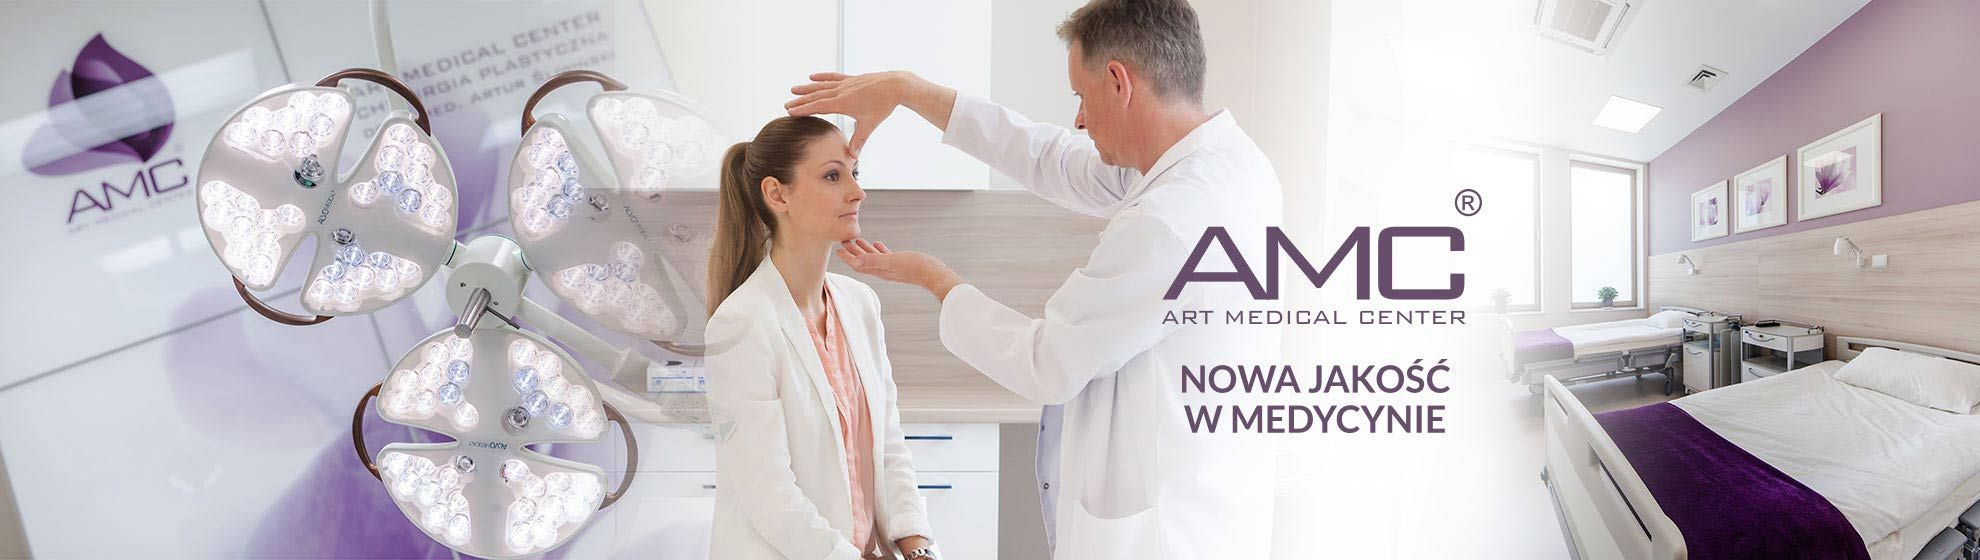 AMC Art Medical Center dr n. med. Artur Śliwiński